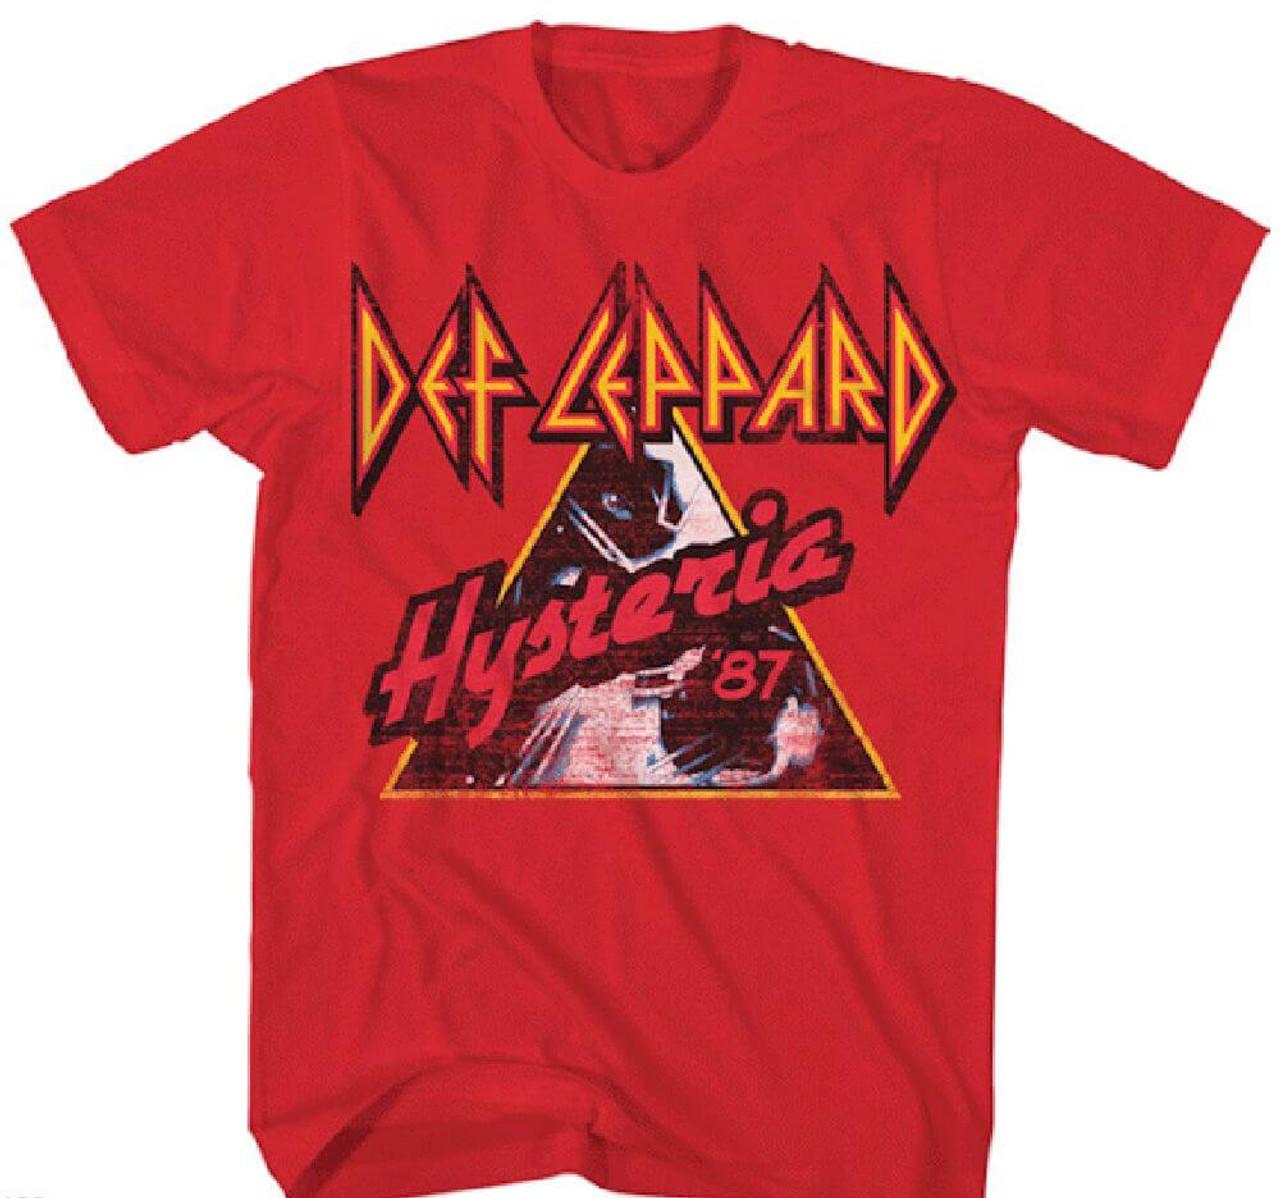 2032eee9730c9 Def Leppard Concert Tour T-shirt - Hysteria  87. Men s Red Shirt